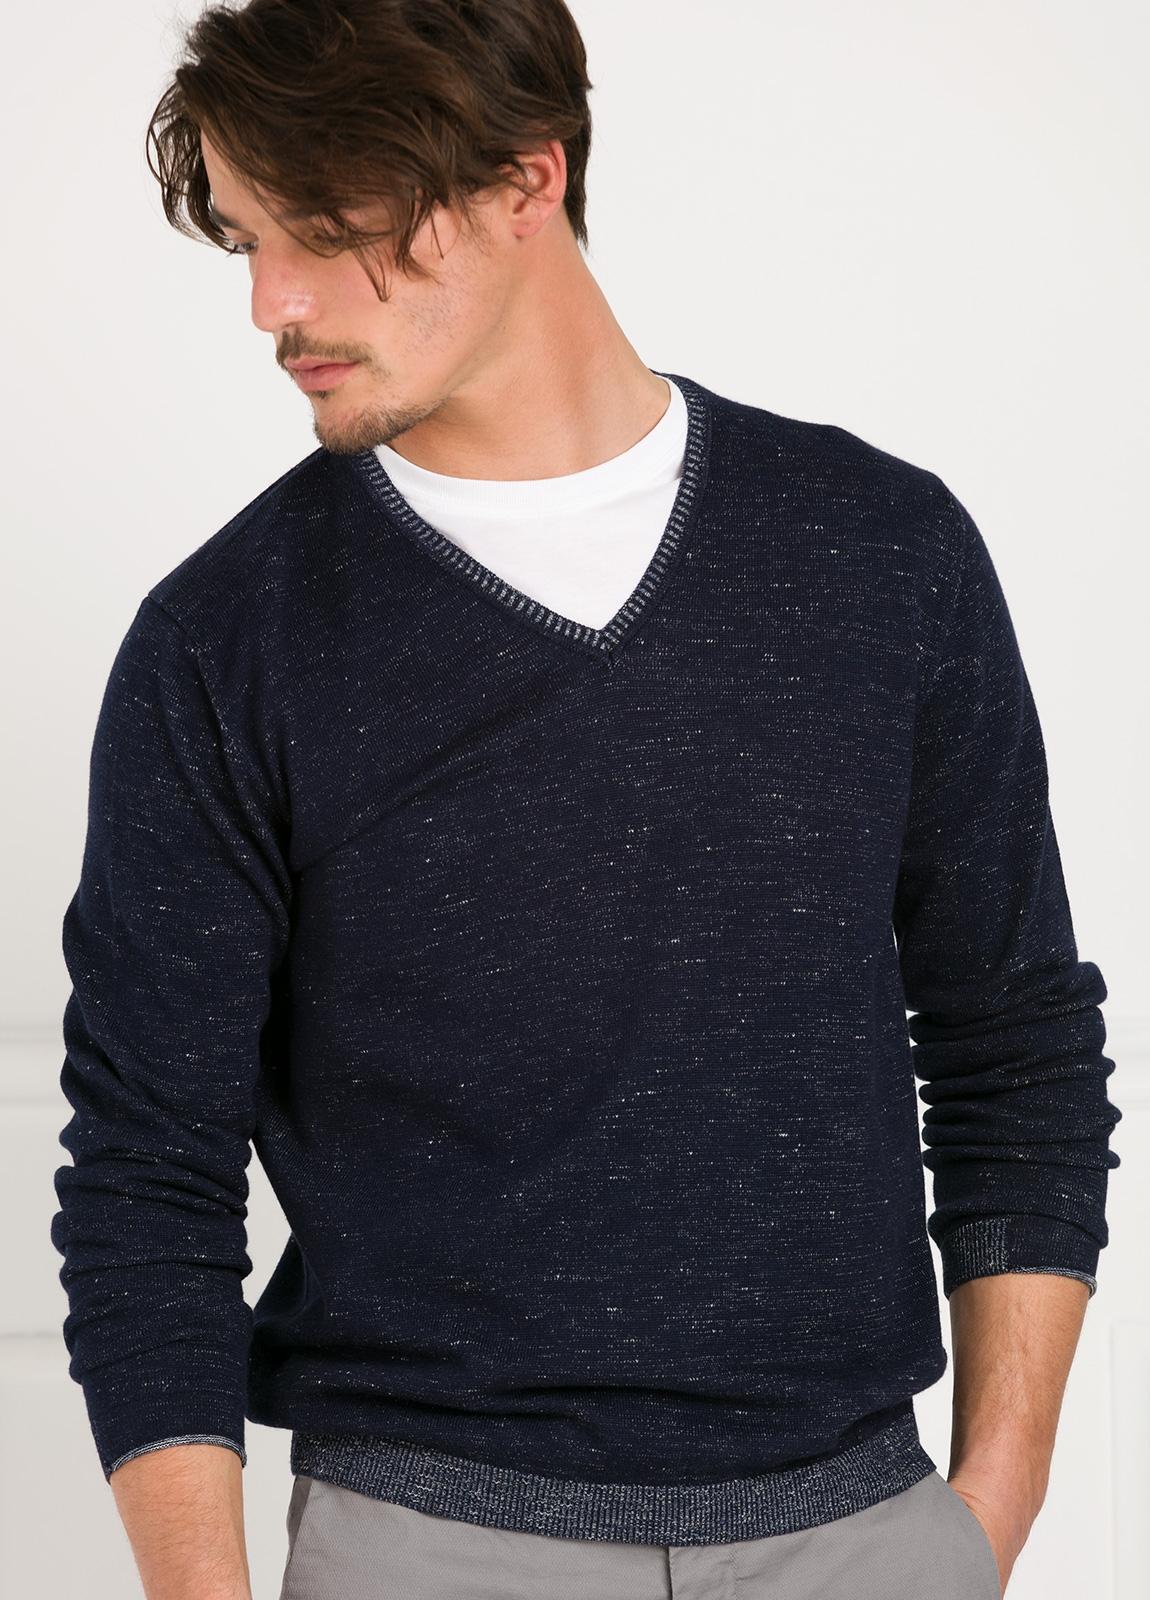 Jersey jaspeado cuello pico color azul marino.